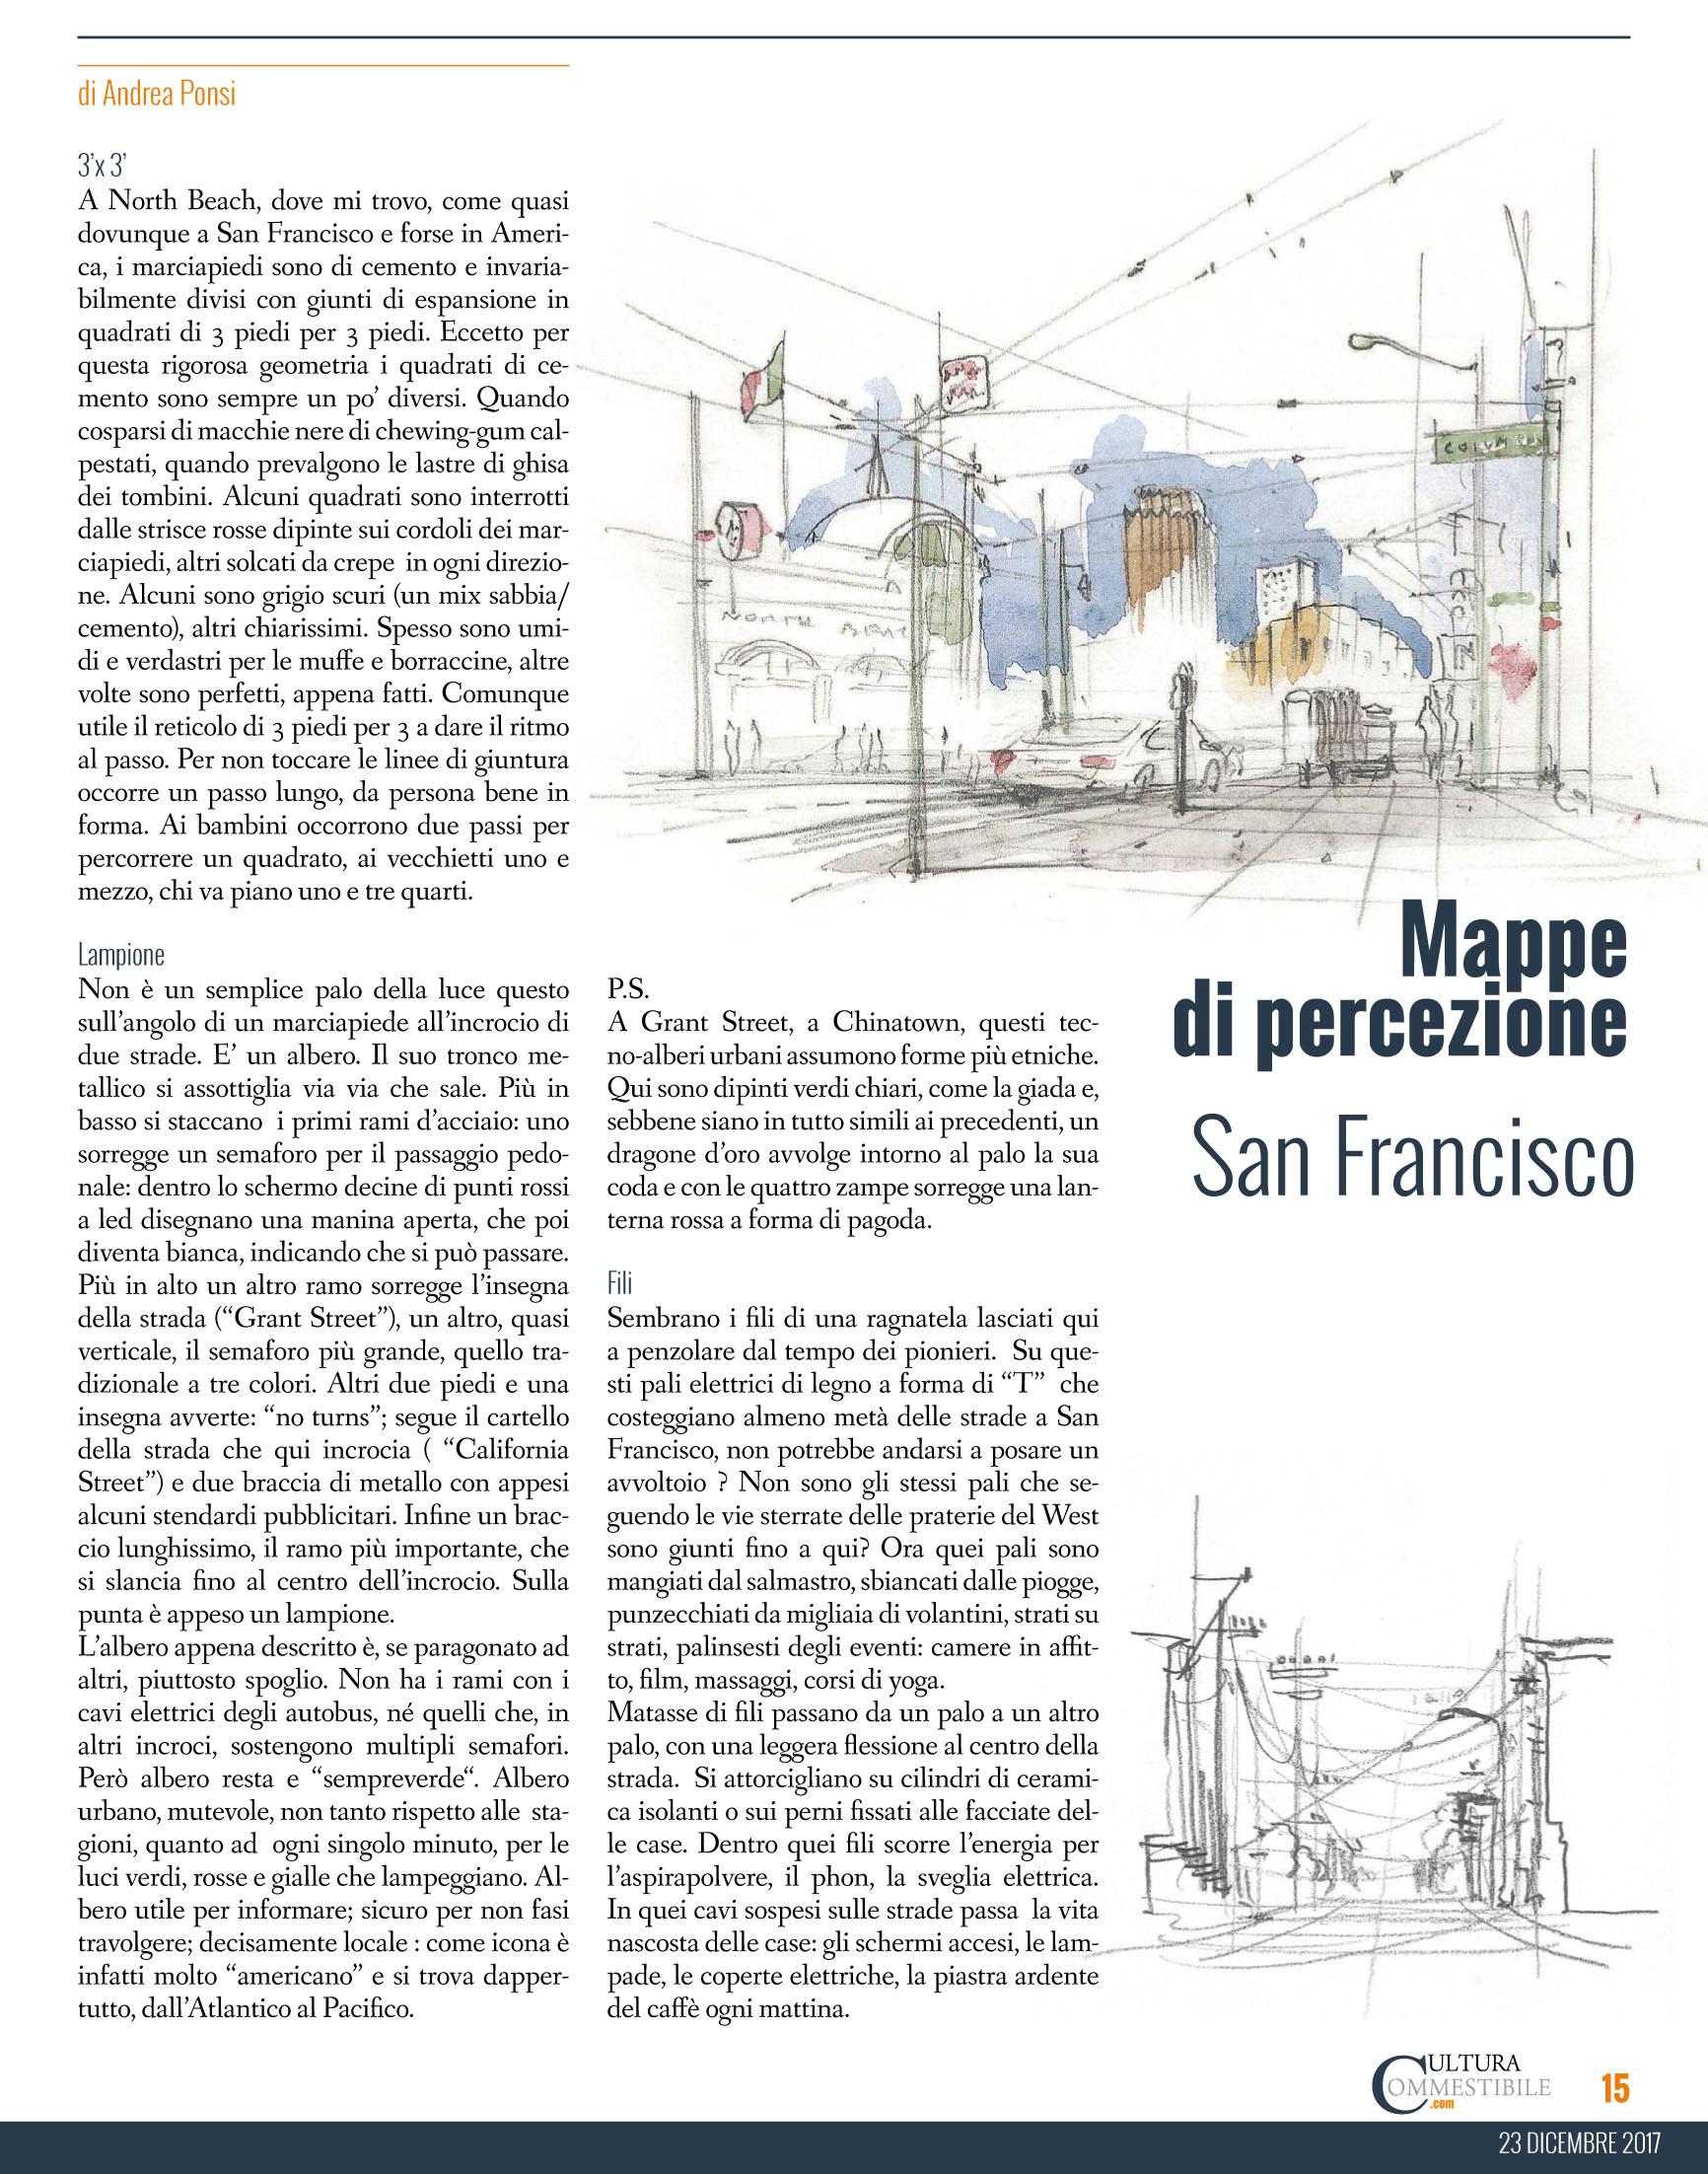 Cultura-Commestibile-244-15.jpg